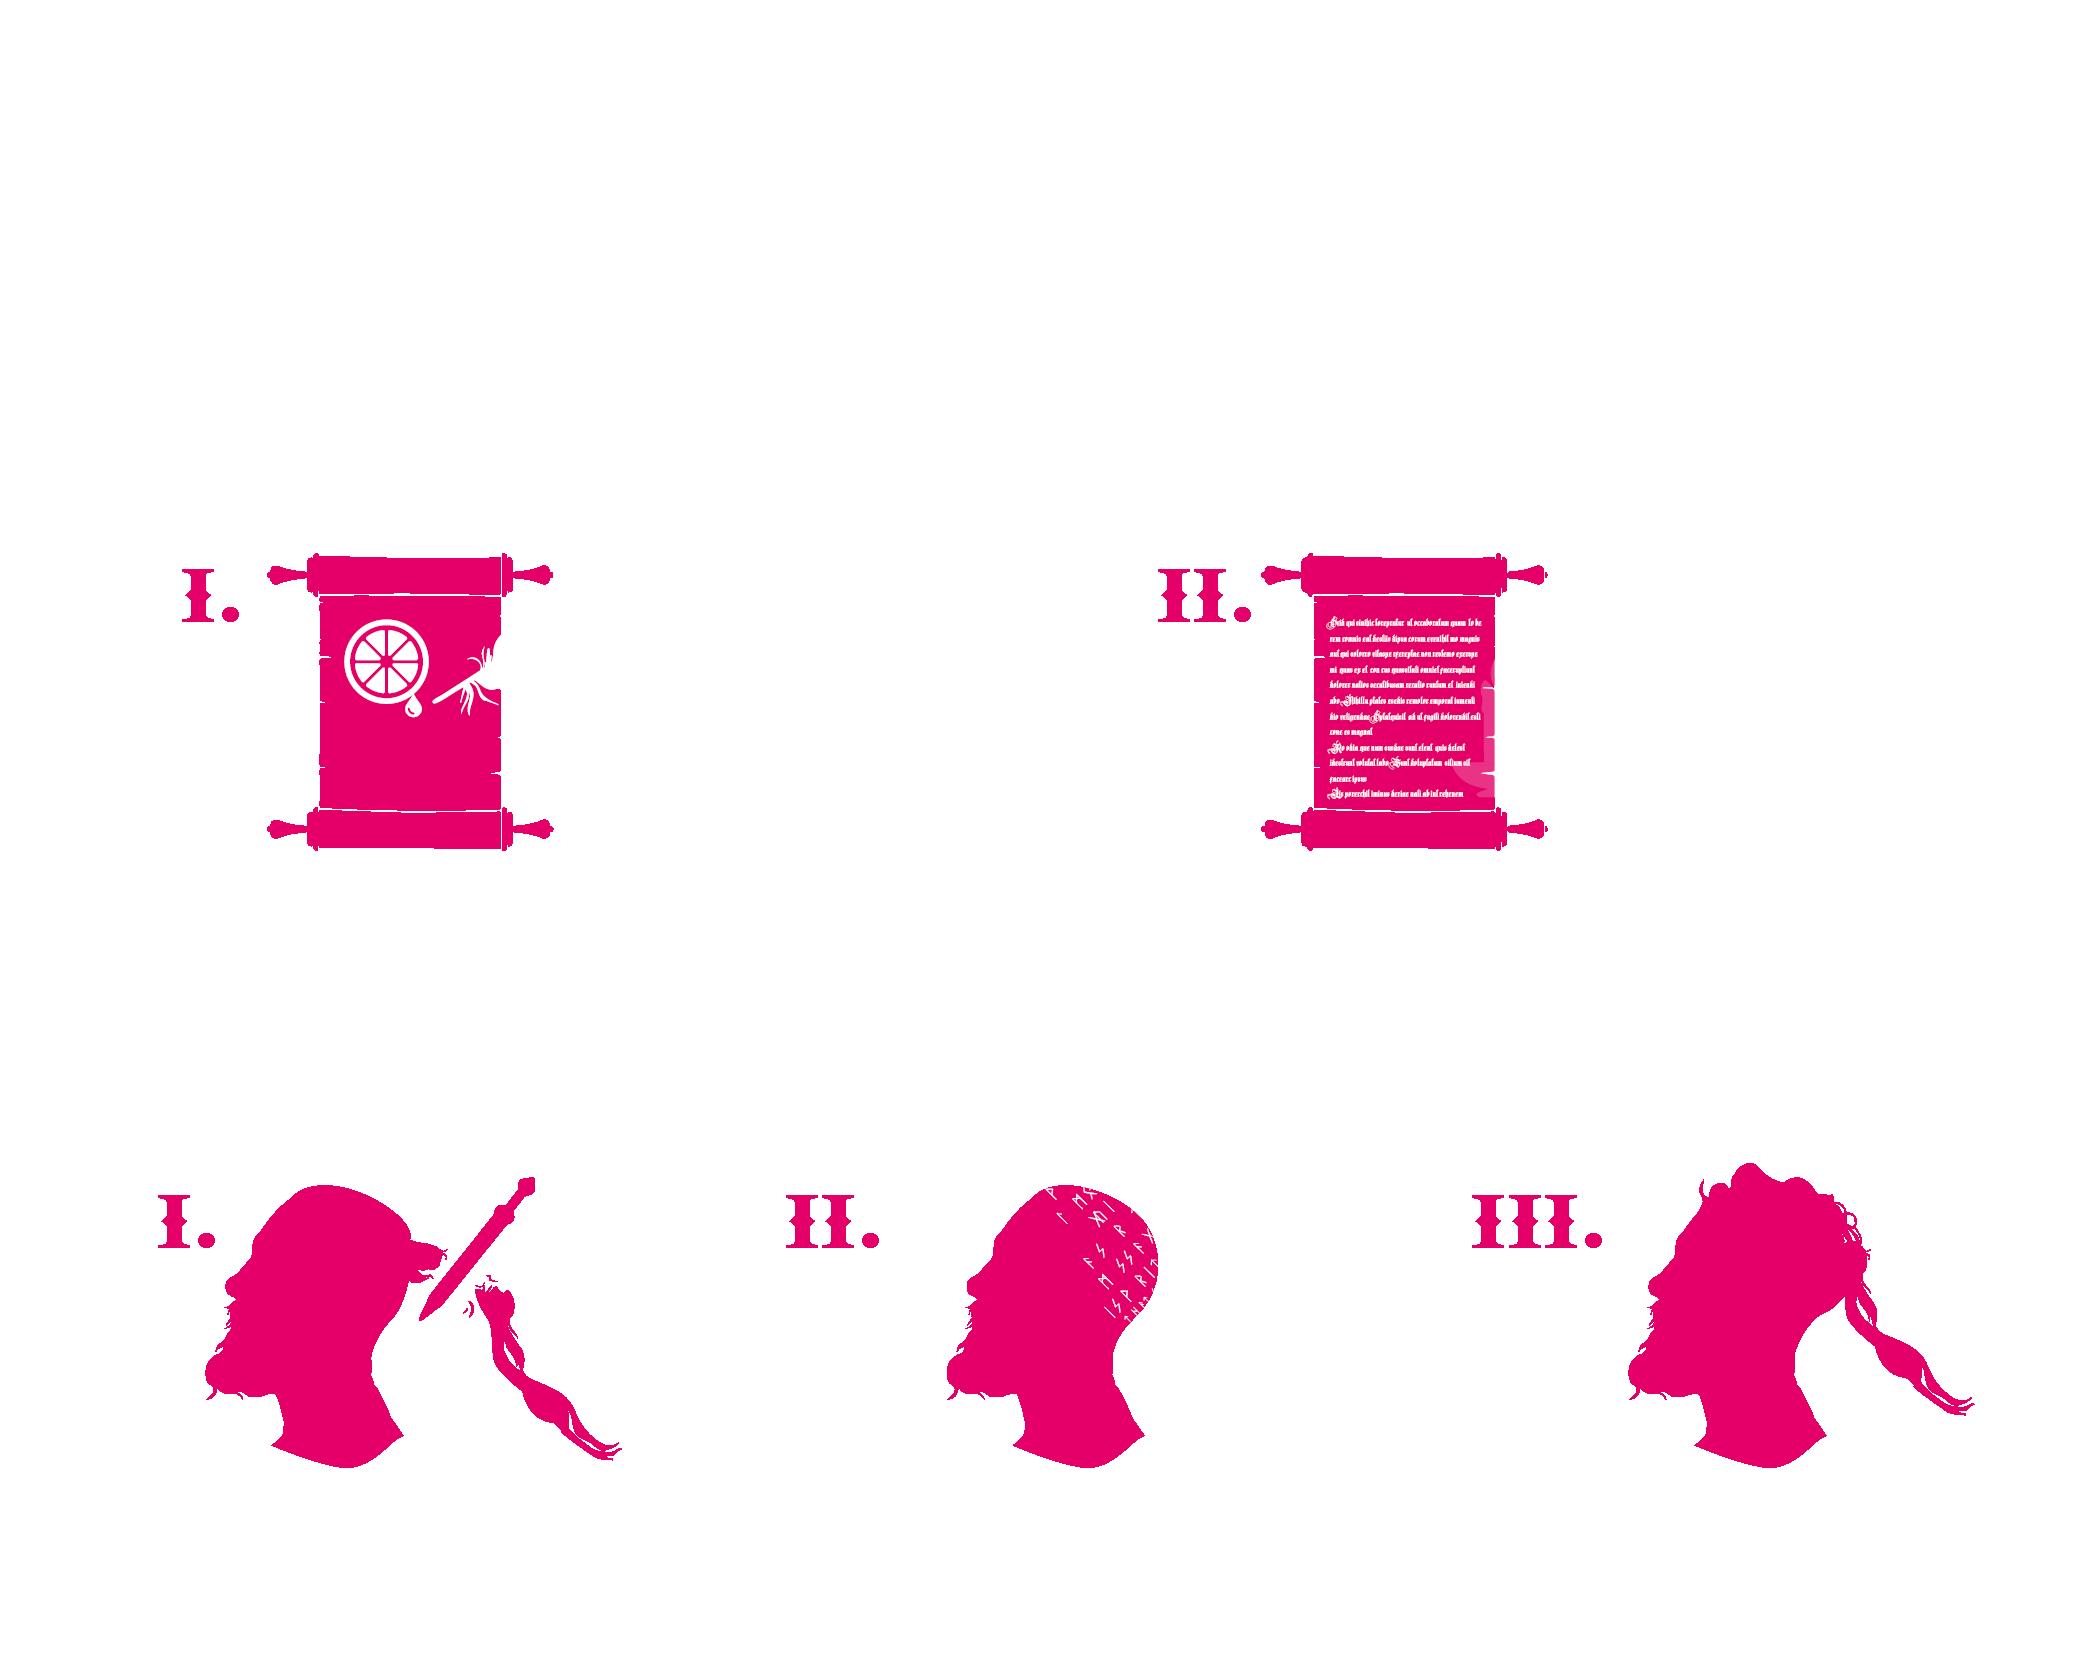 Infografía sobre esteganografía